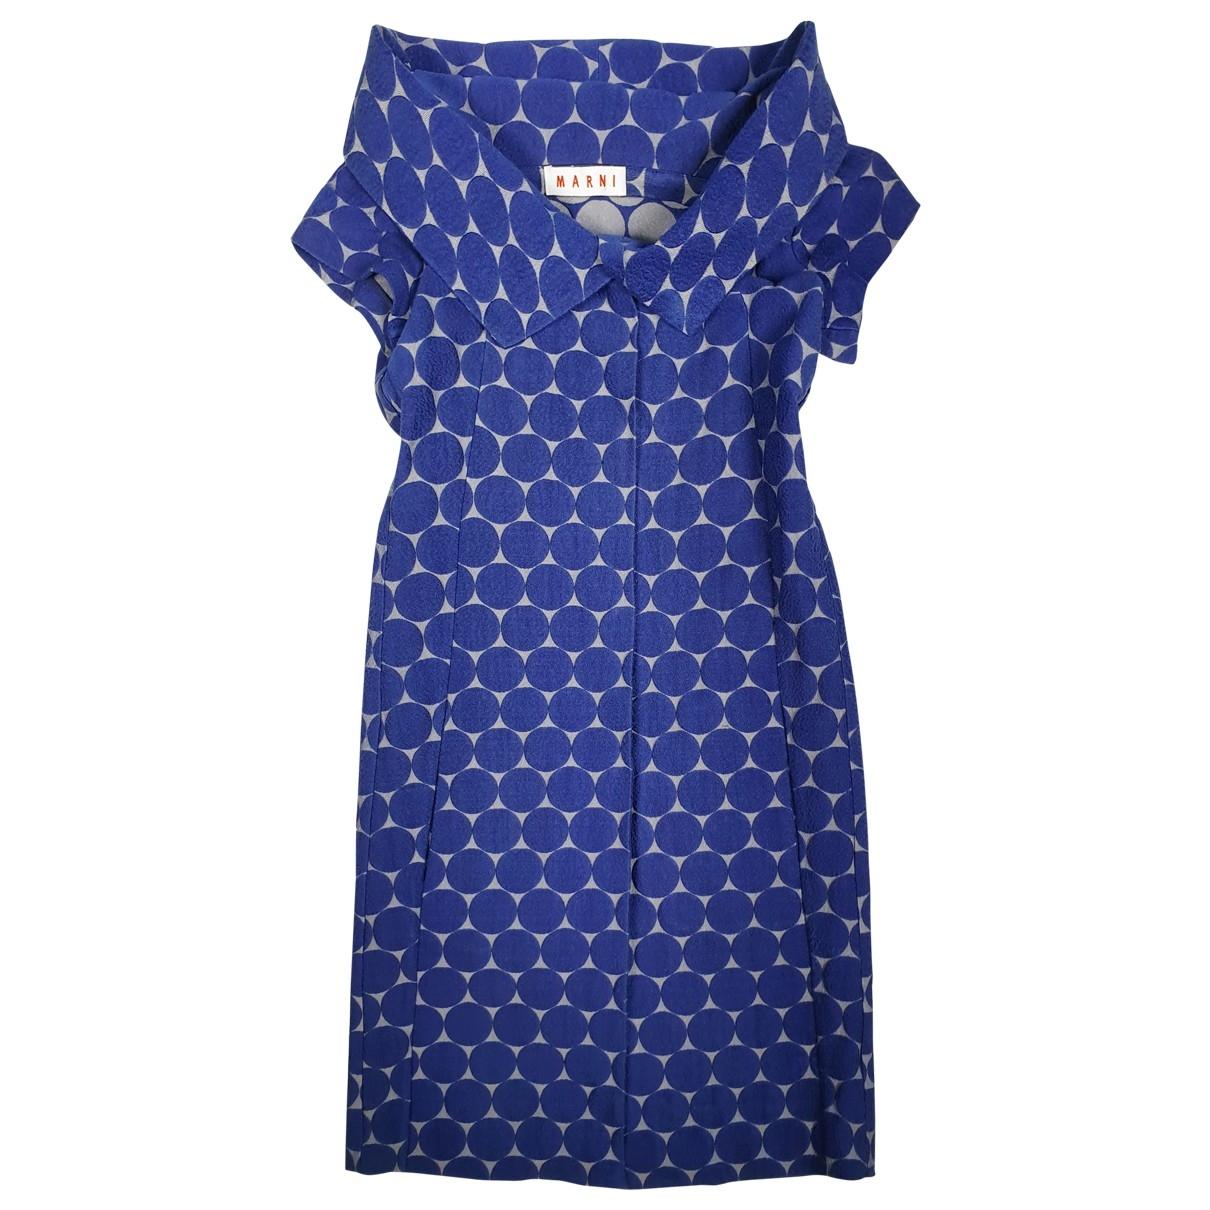 Marni - Veste   pour femme en coton - bleu